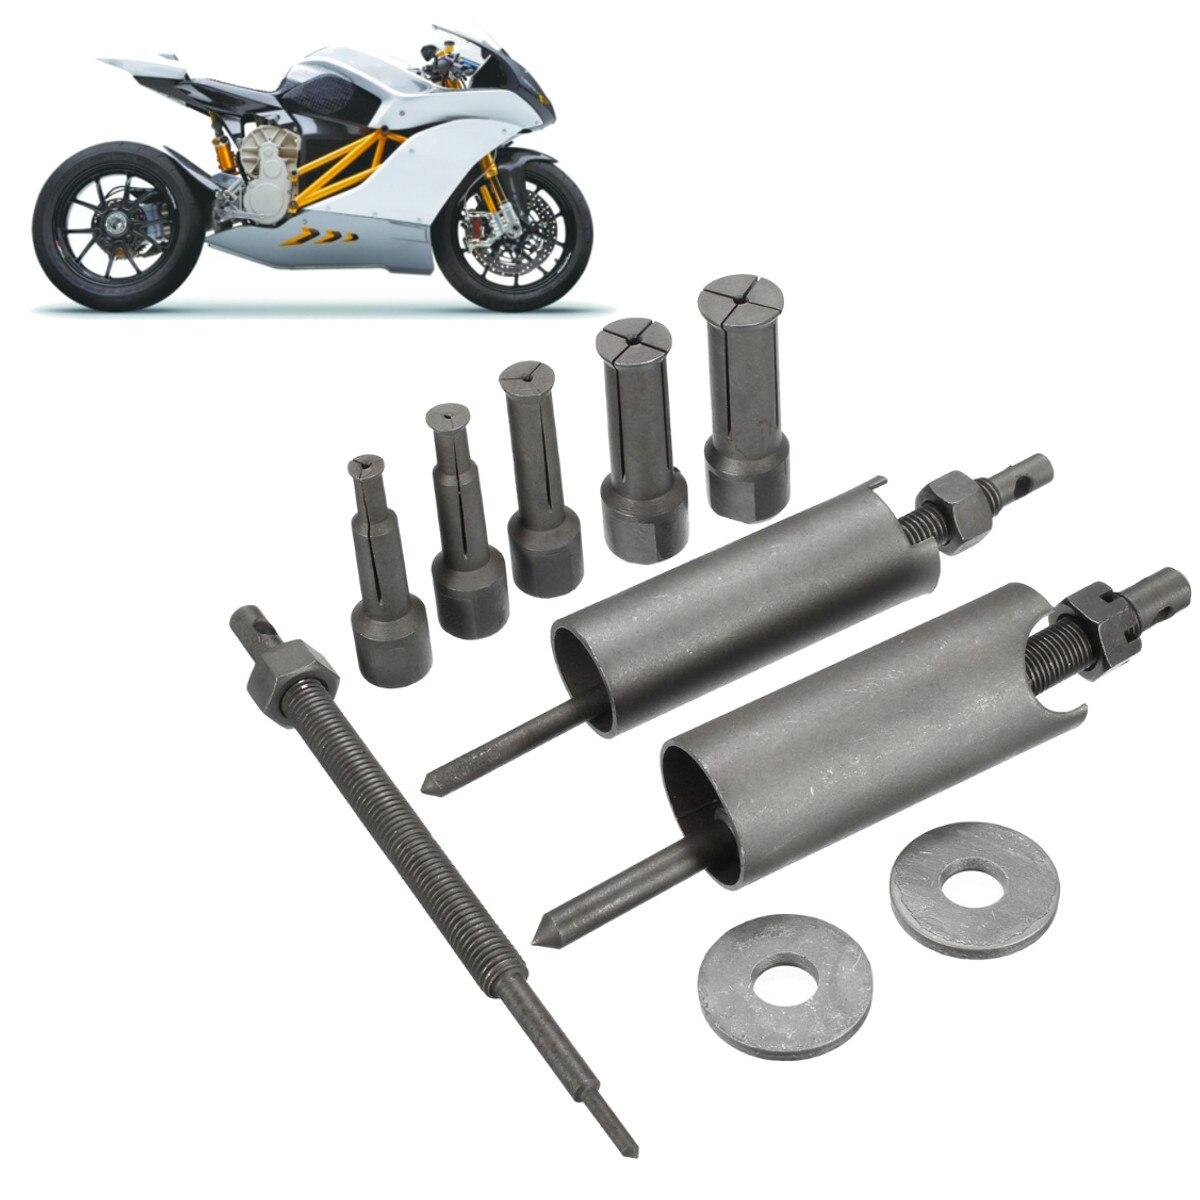 1 satz Motorrad Inneren Lager Puller Tool Remover Kit von 9mm zu 23mm Durchmesser Auto Motor Lager Zubehör